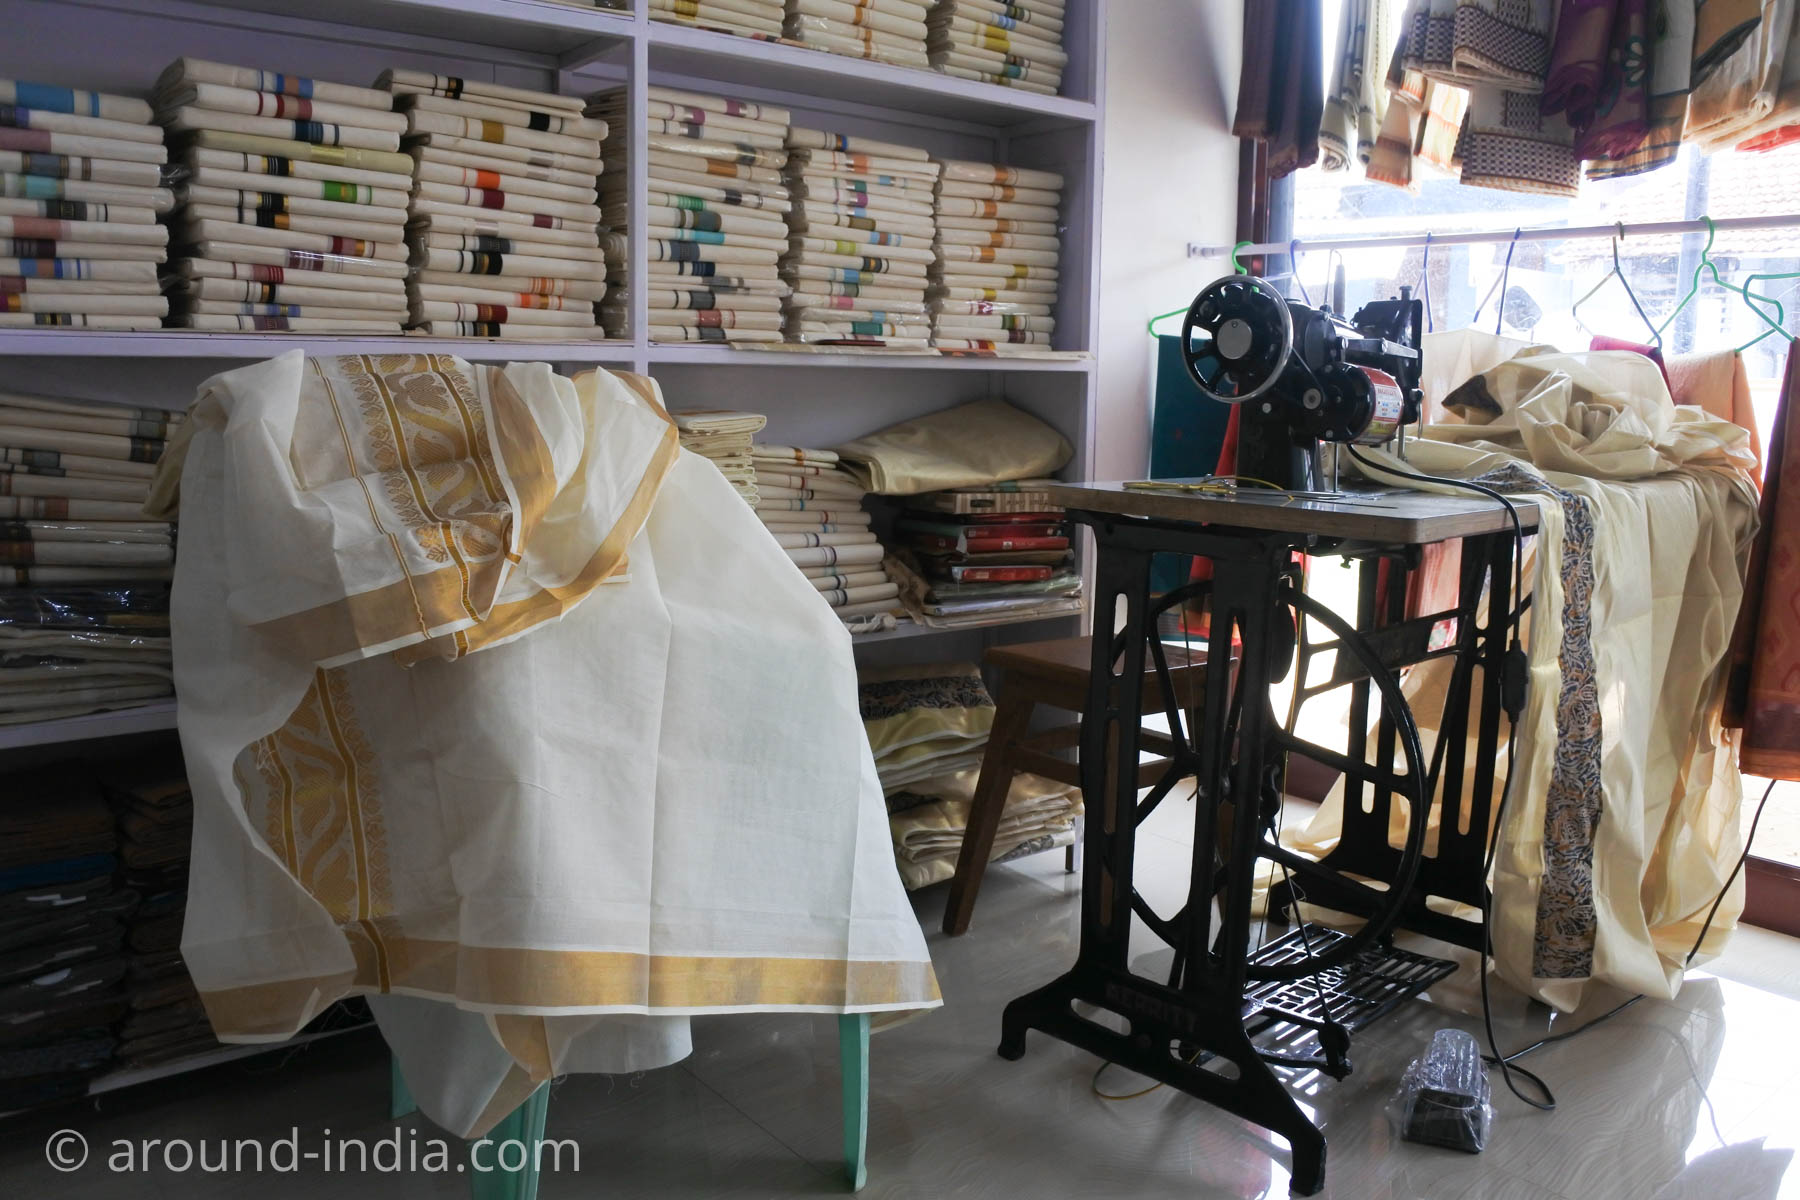 ケララ手織物工房のショールームには機械織り製品がいっぱい